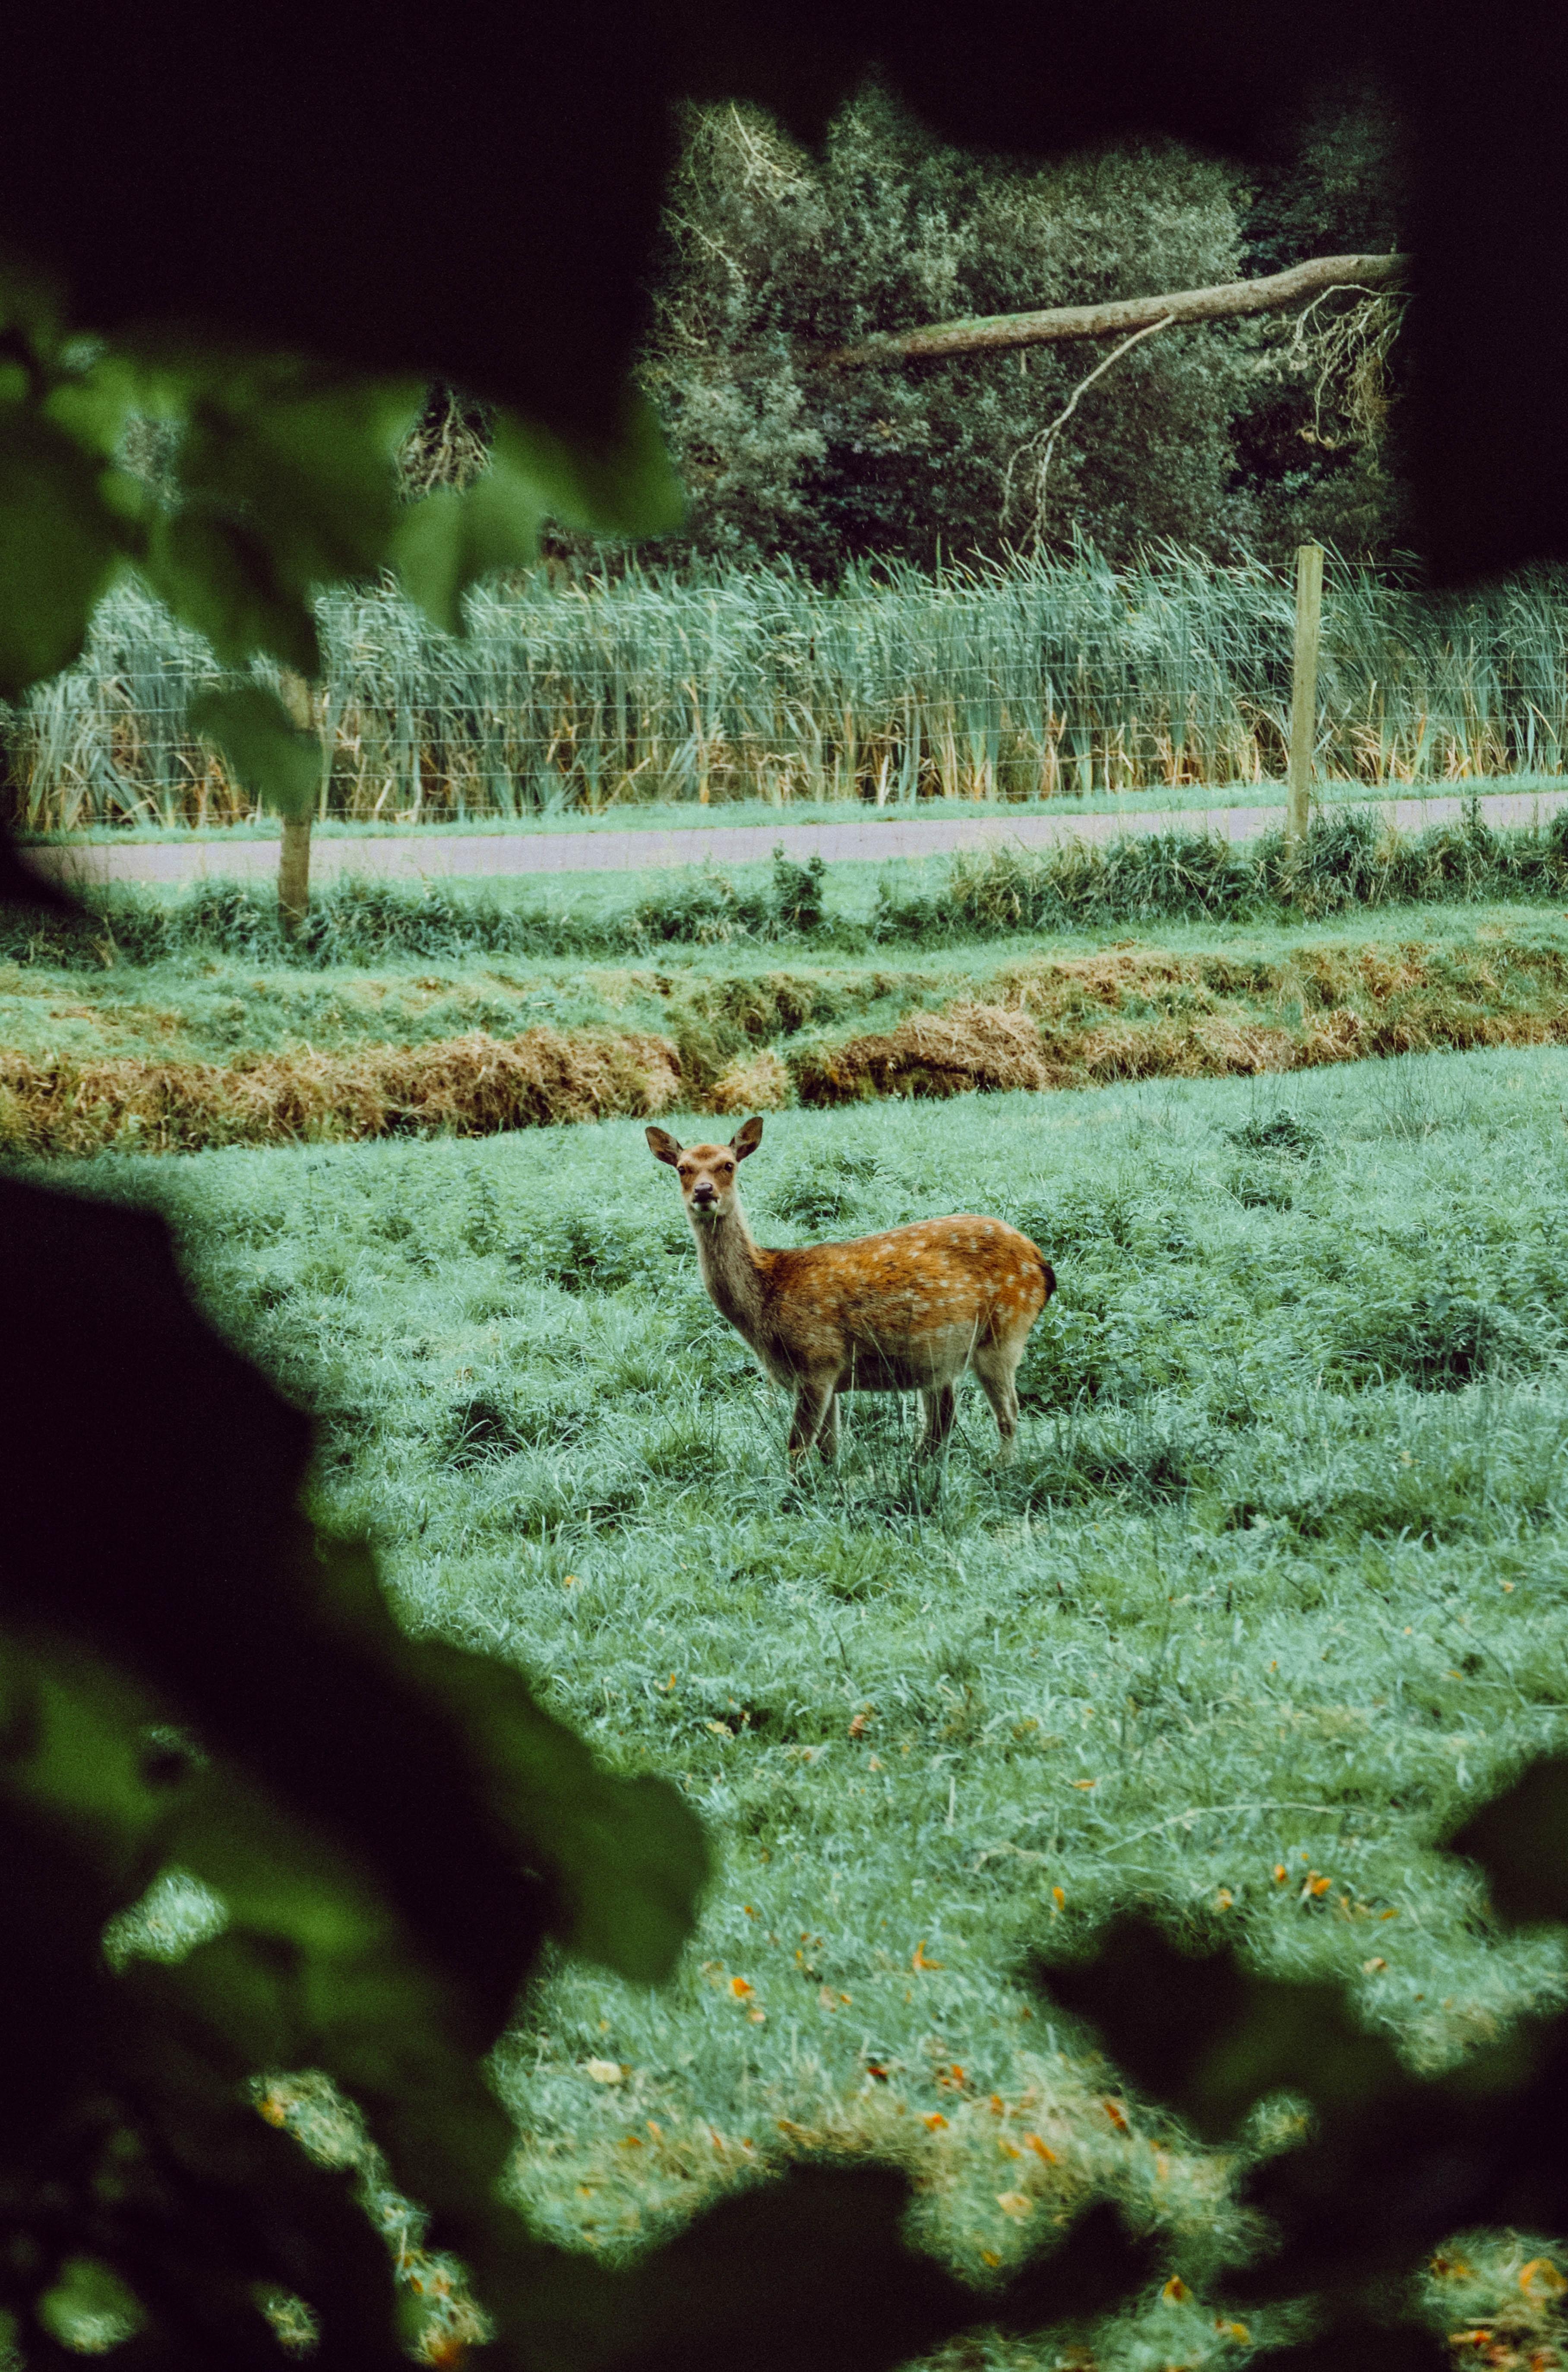 96592 скачать обои Животные, Лань, Животное, Дикий, Трава, Природа - заставки и картинки бесплатно